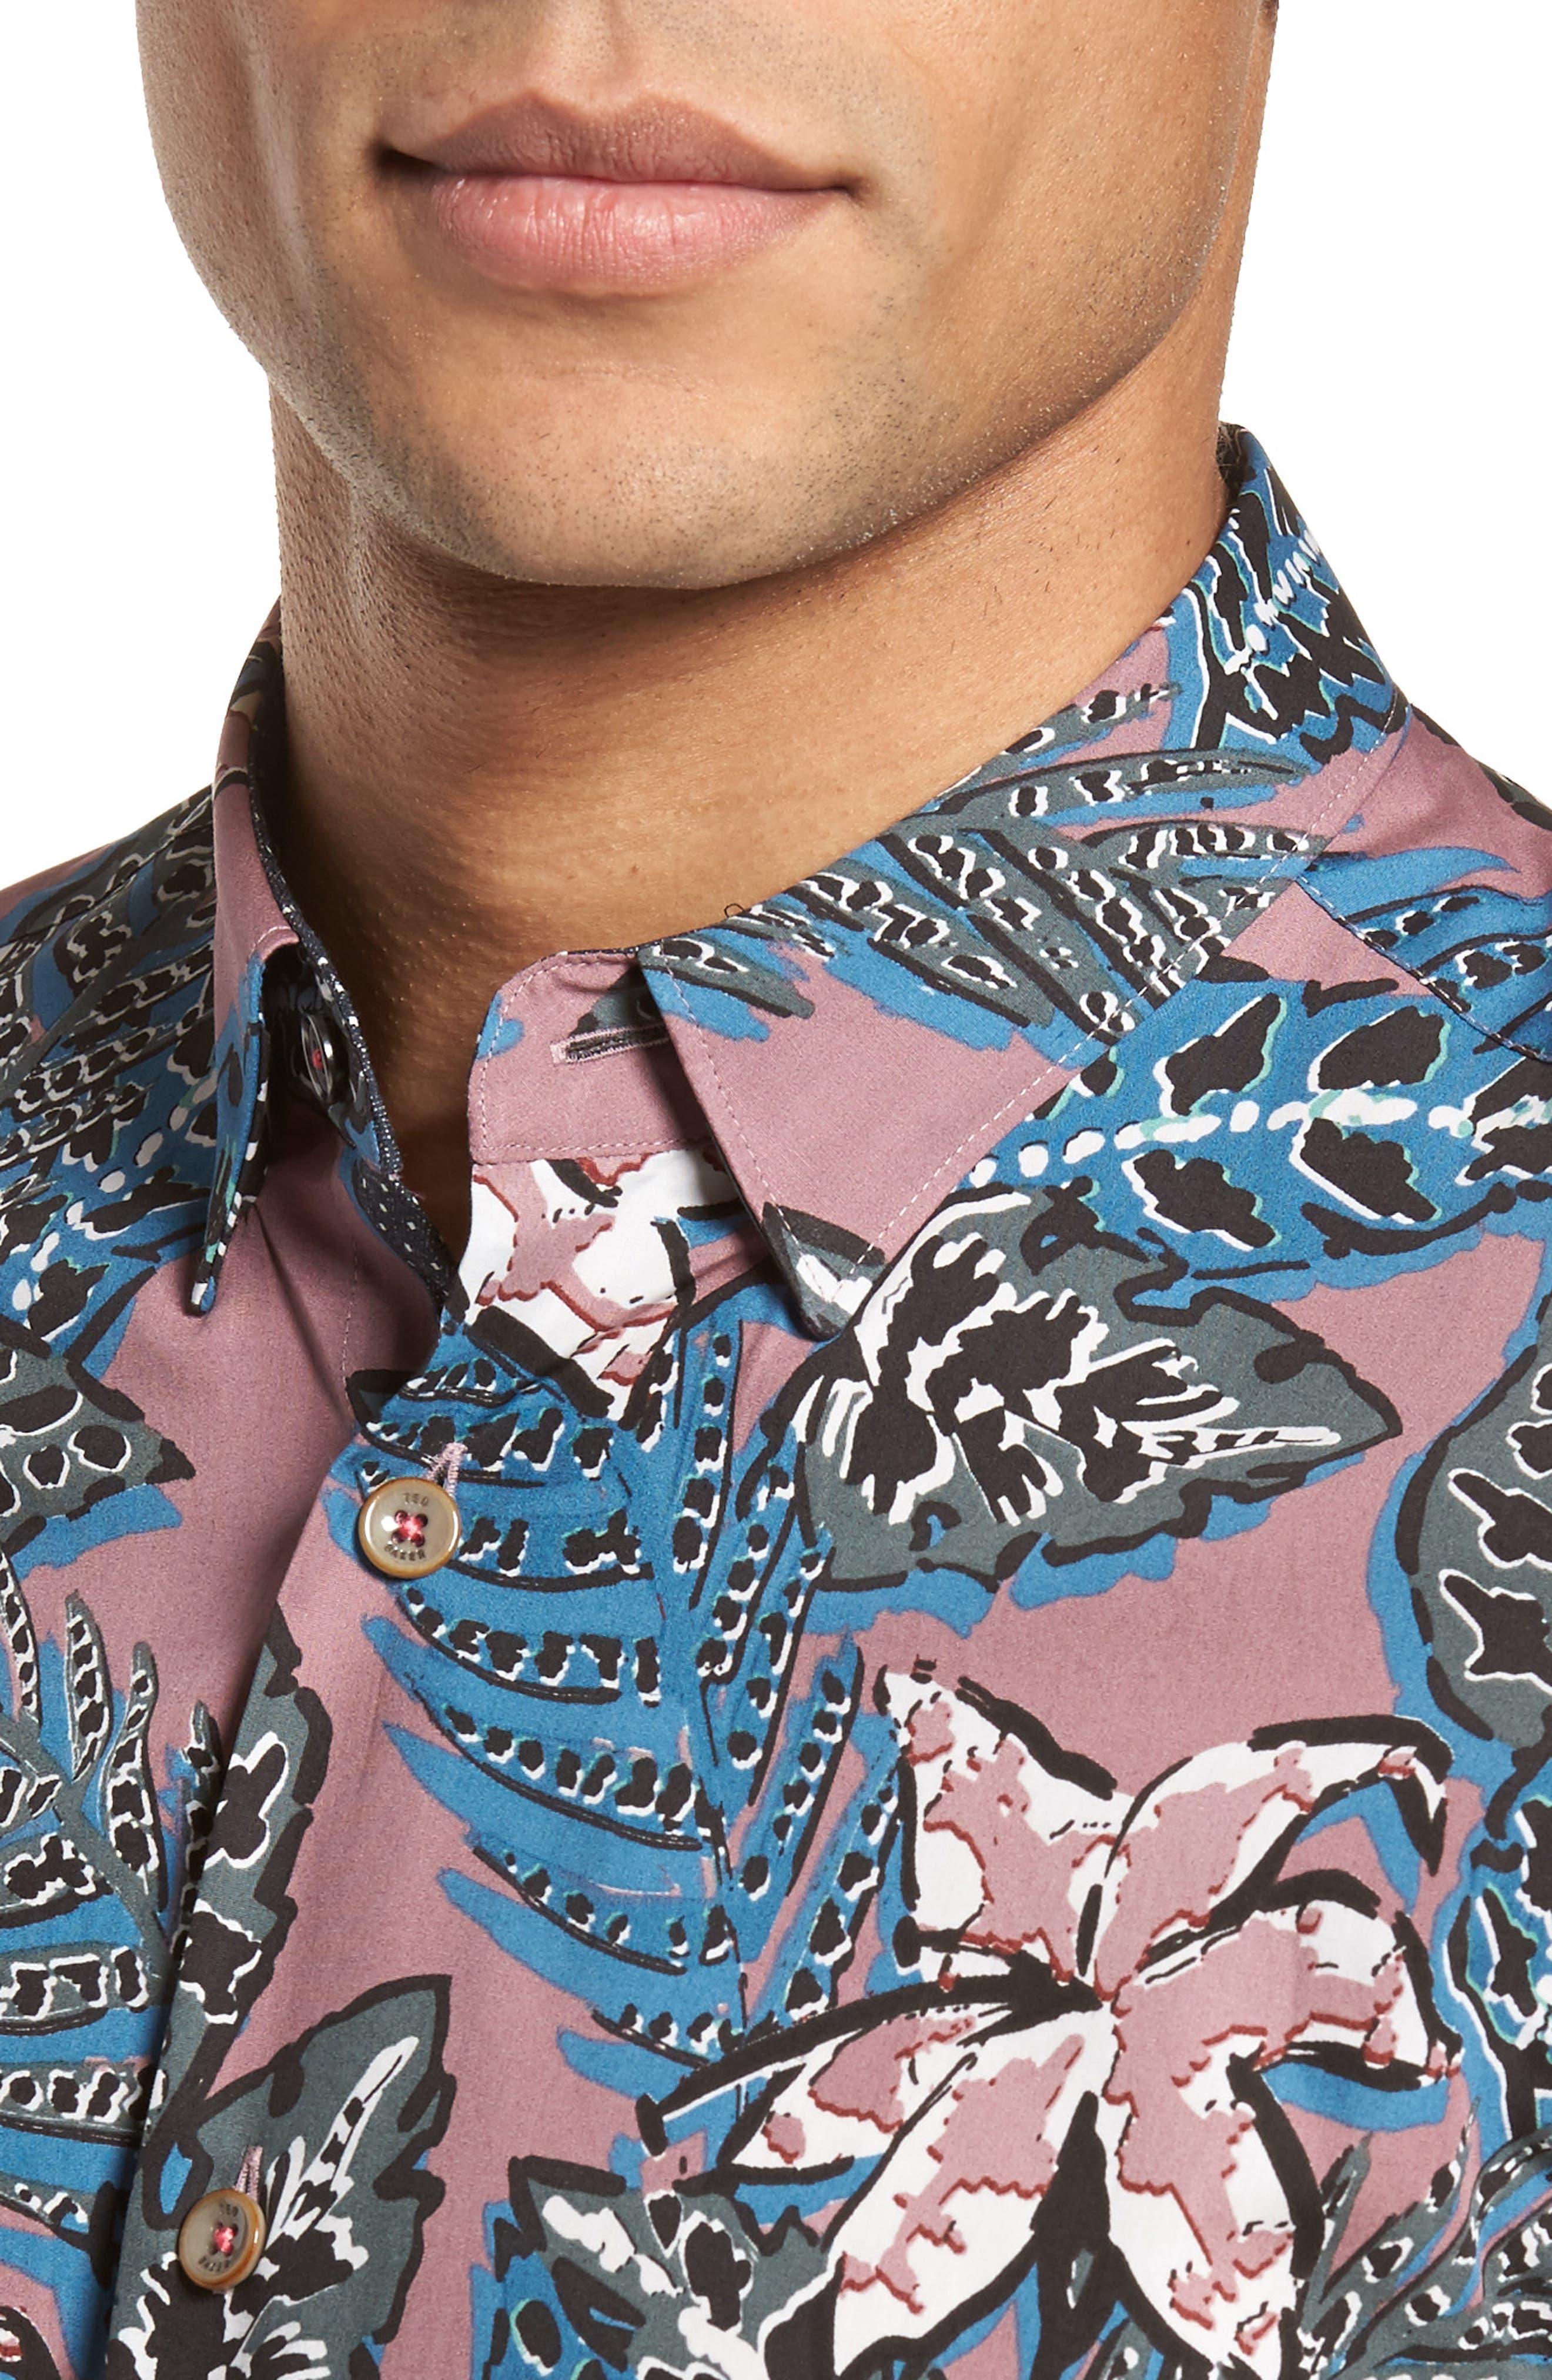 Clbtrop Trim Fit Tropical Woven Shirt,                             Alternate thumbnail 2, color,                             Pink